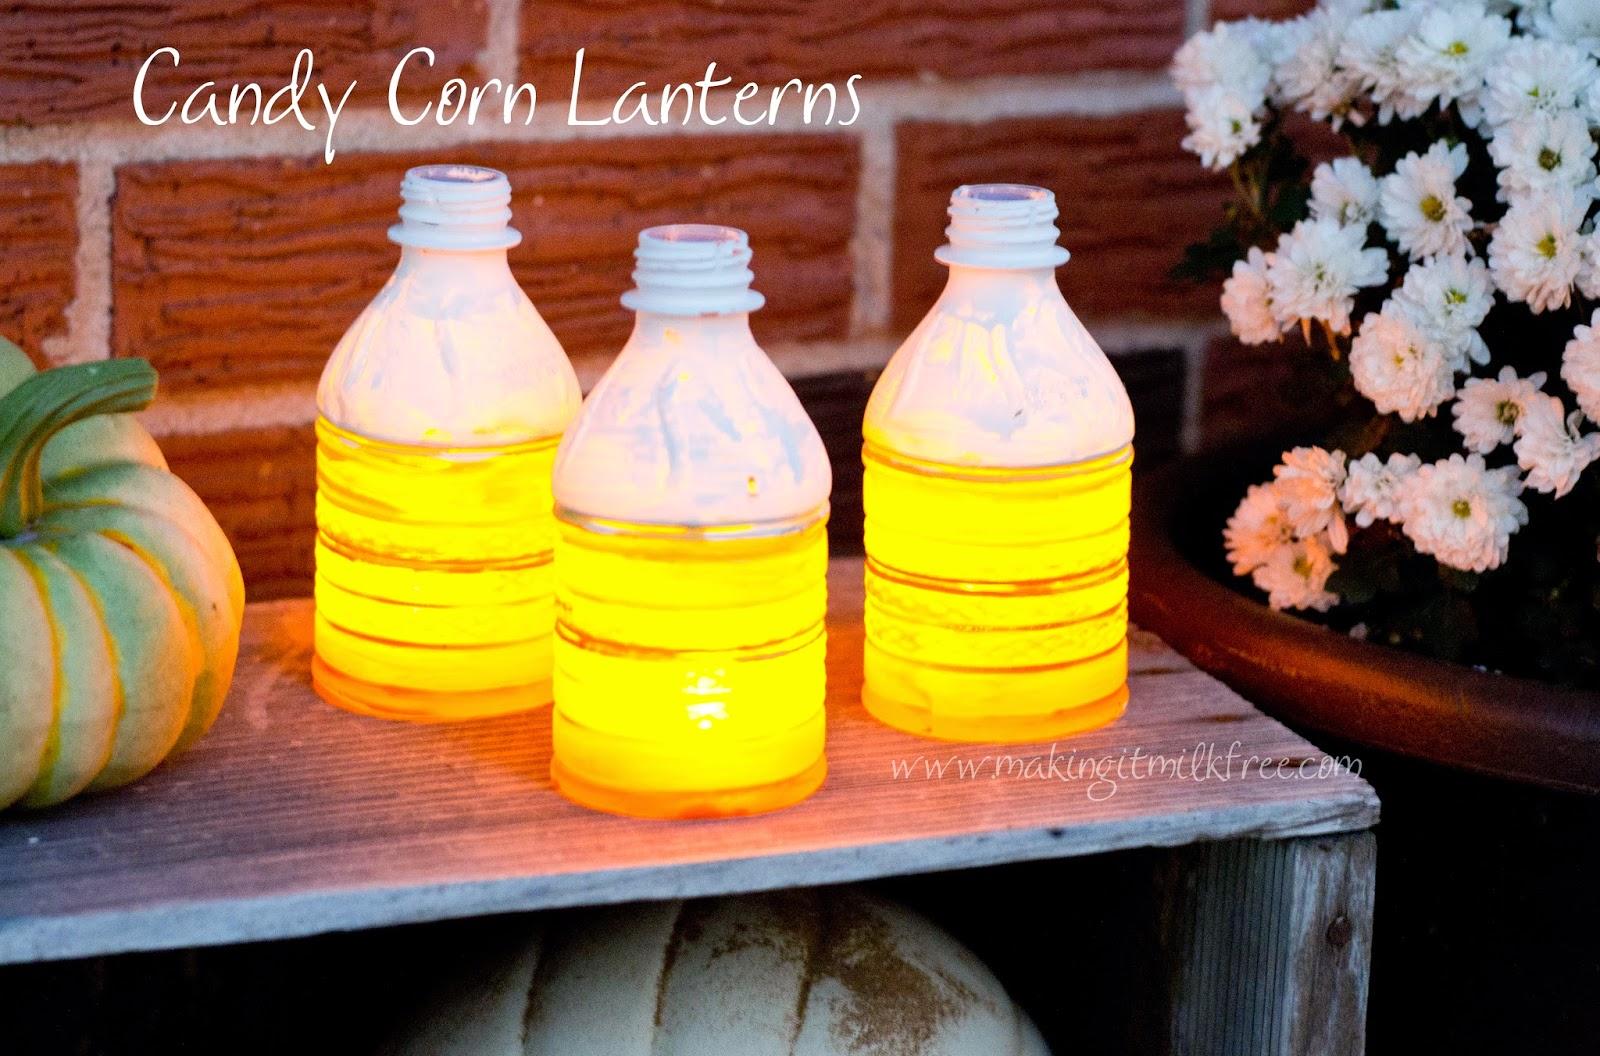 #halloween #dasani #candycorn #lanterns #diy